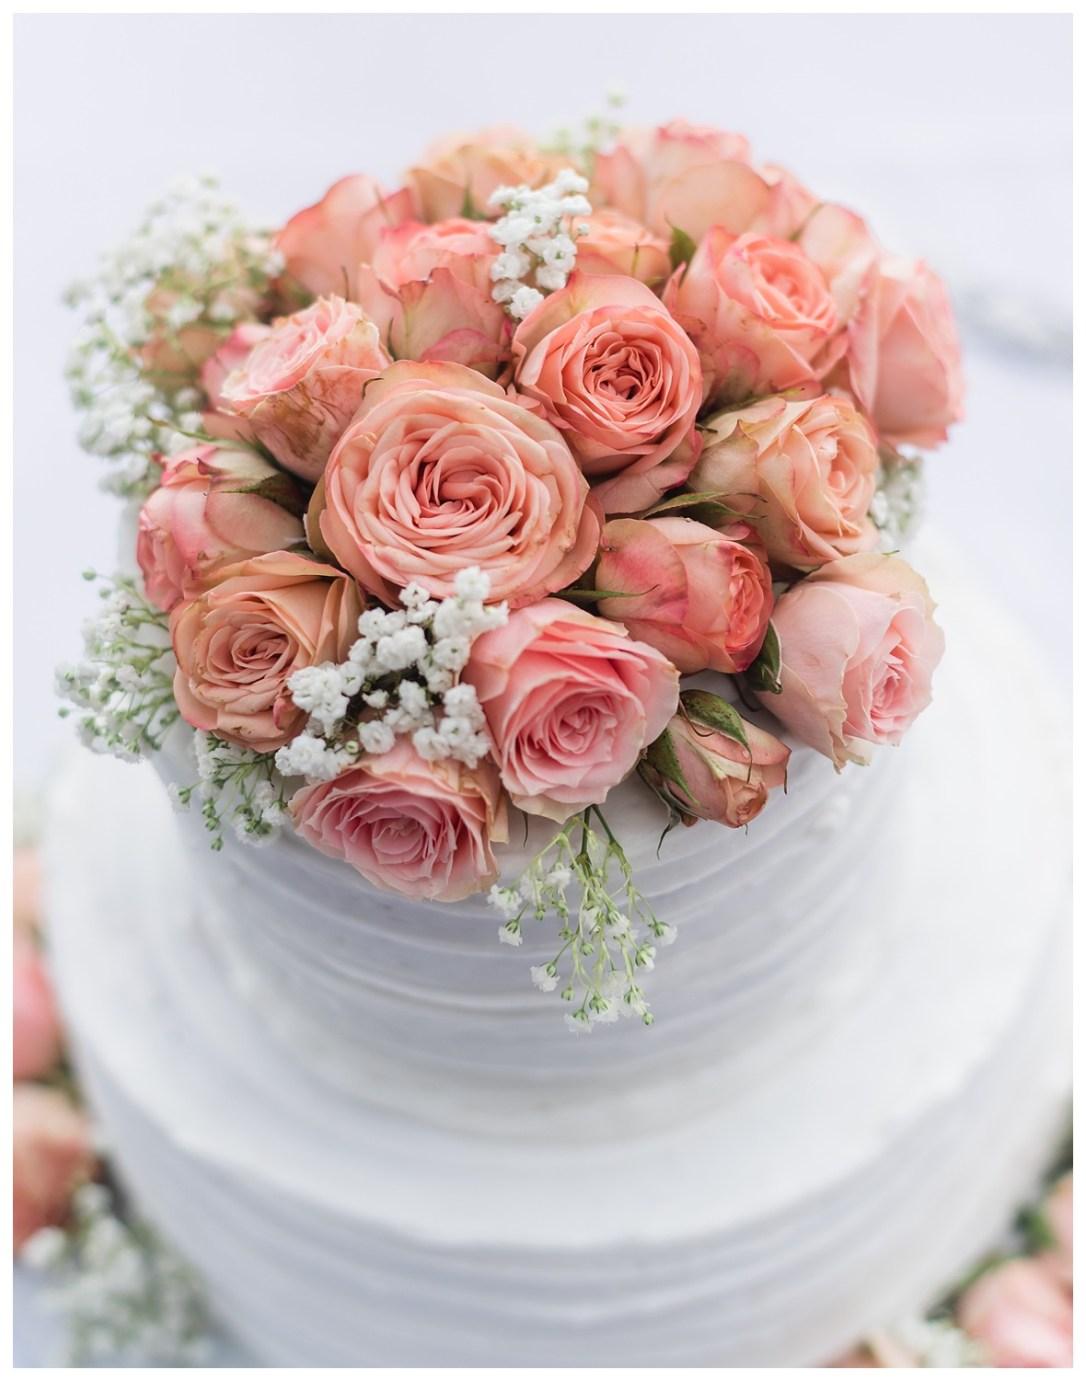 pink roses on wedding cake